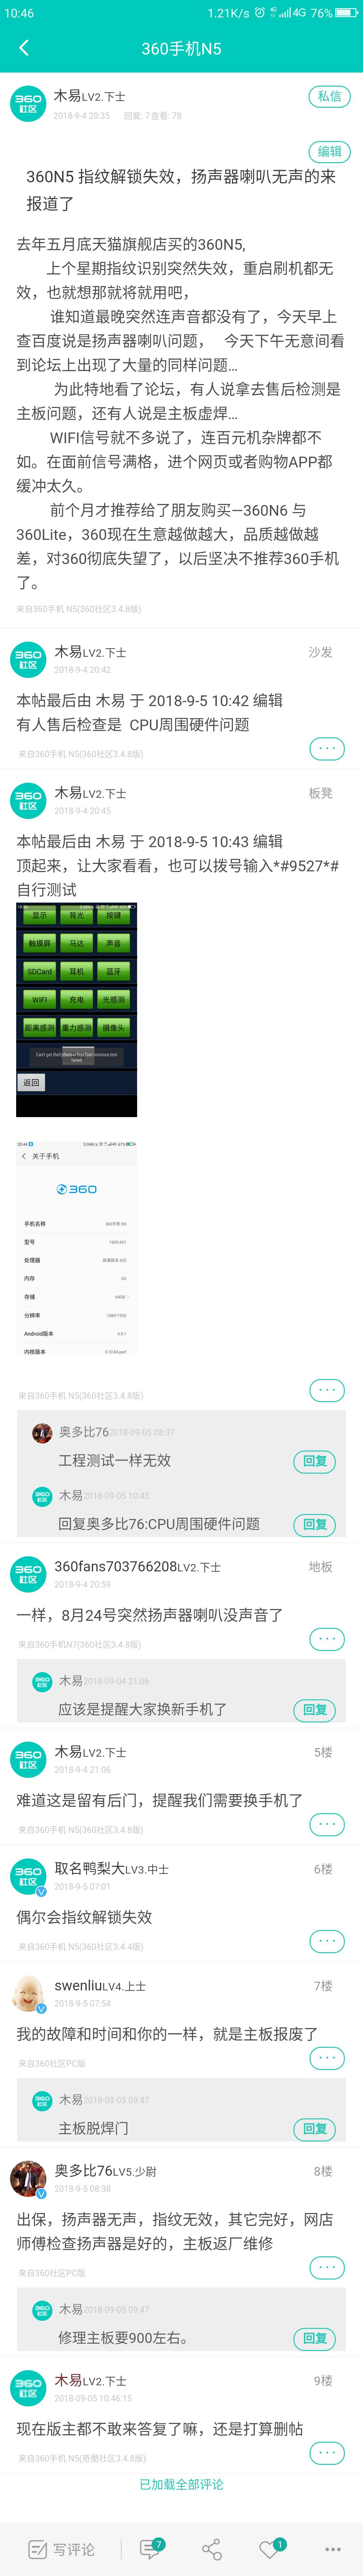 Screenshot_2018-09-05-10-46-44_compress.png